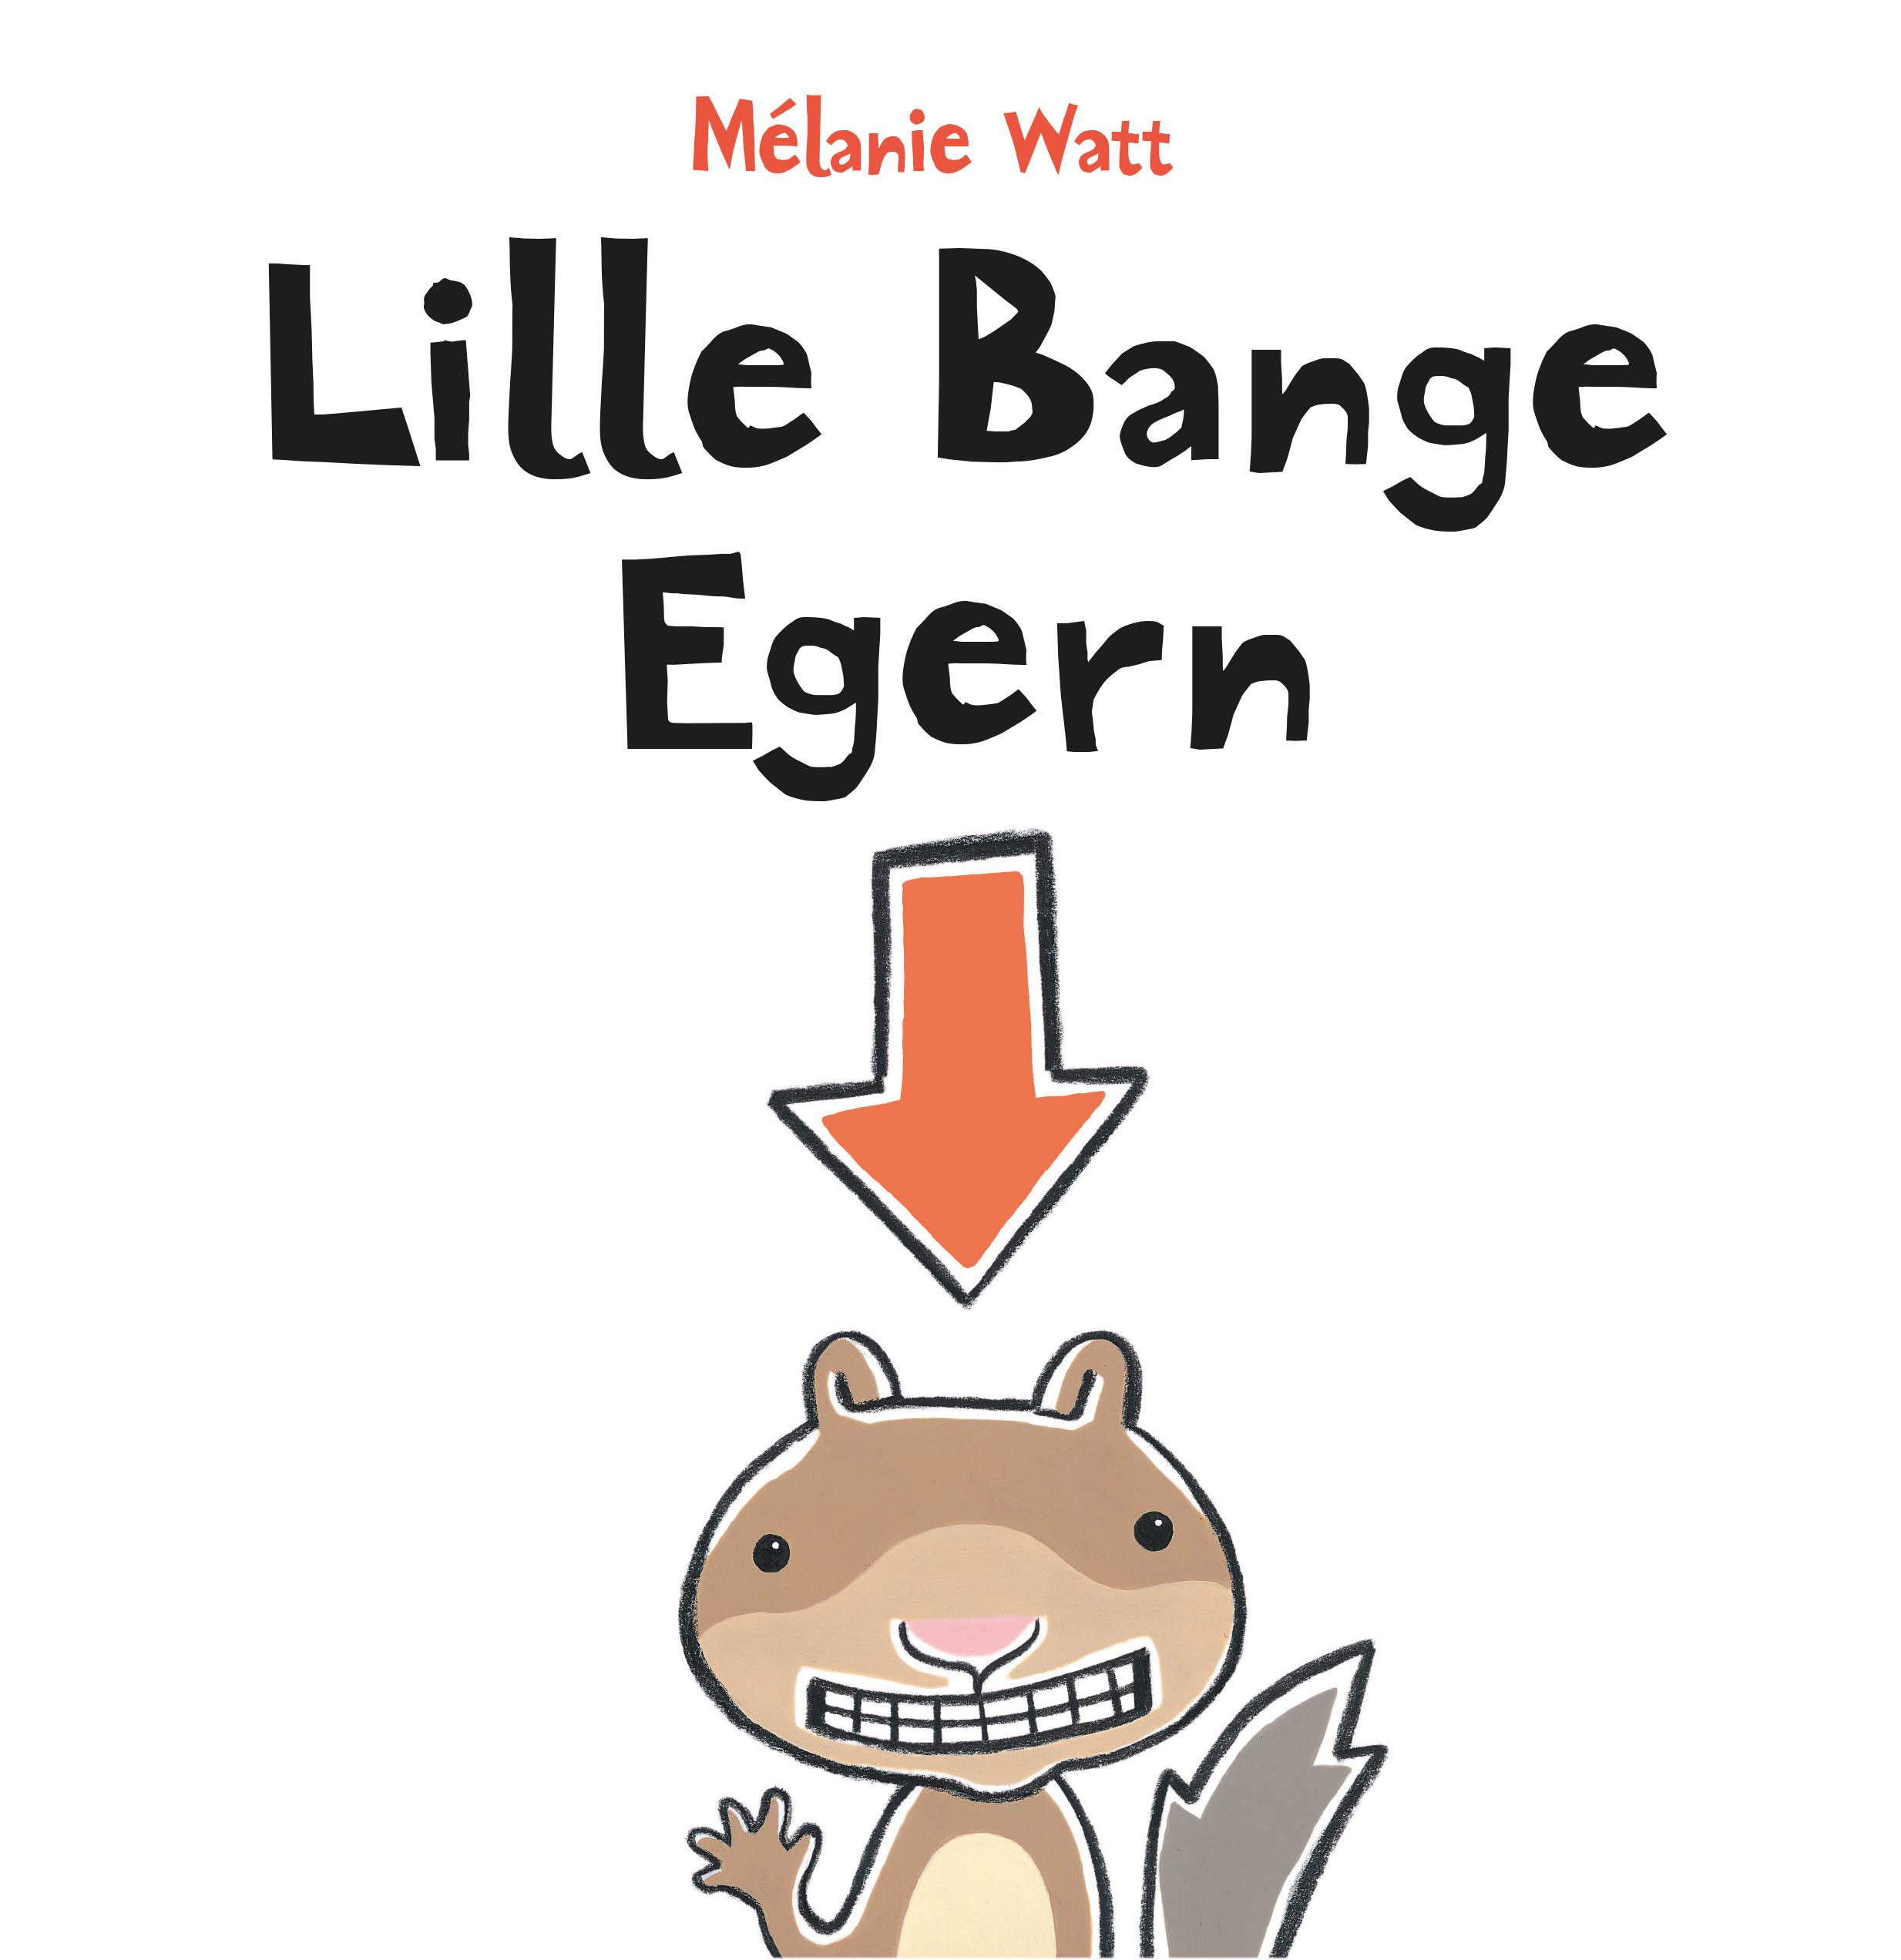 Lille Bange Egern af Mélanie Watt. Udkommer 12. april.